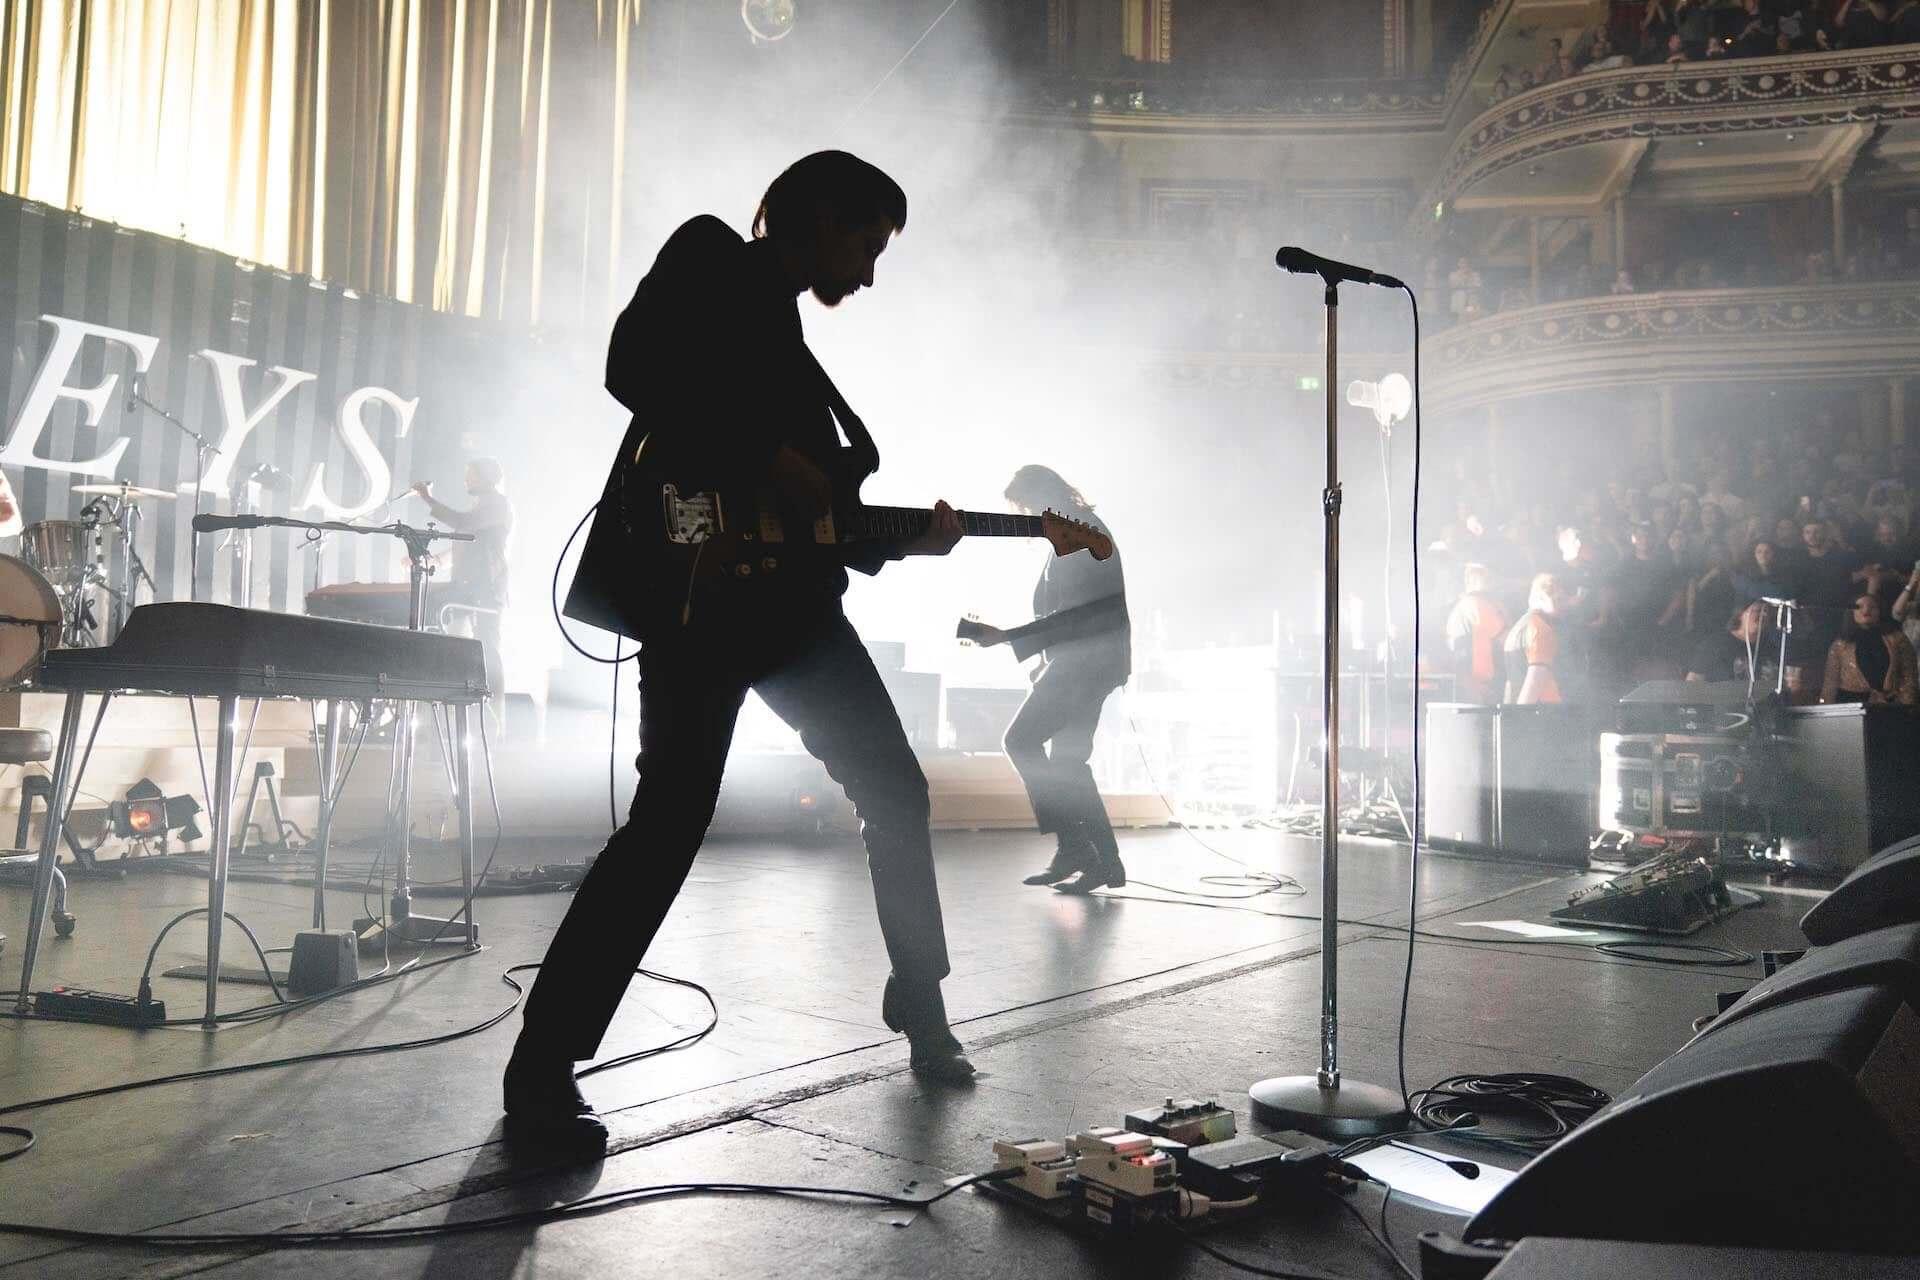 Arctic Monkeysが20曲入りのライブアルバム『Live At The Royal Albert Hall』をリリース決定!収益は全て慈善団体「War Child UK」に寄付 music201030_arctic-monkeys_3-1920x1280